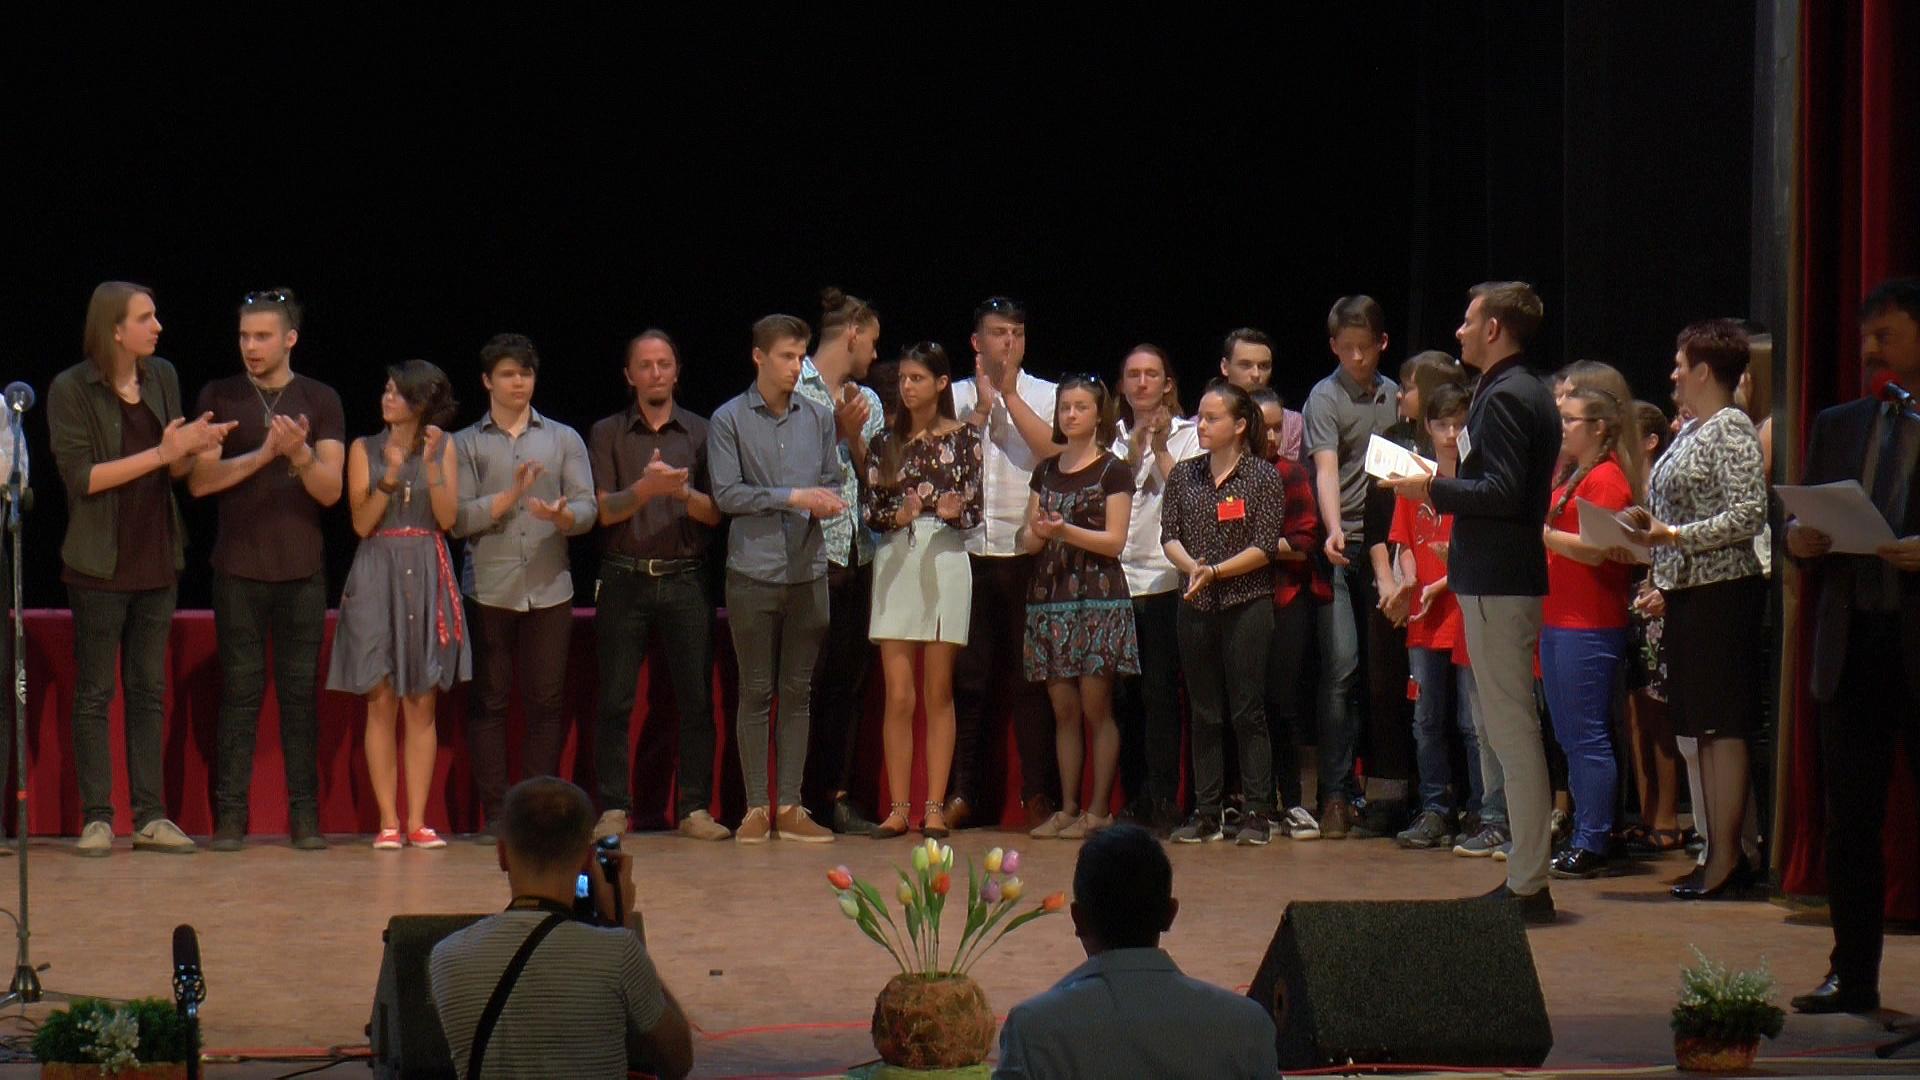 A XXVII. Tompa Mihály Országos Verseny országos döntőjének díjátadója VI. KATEGÓRIA – Verséneklők